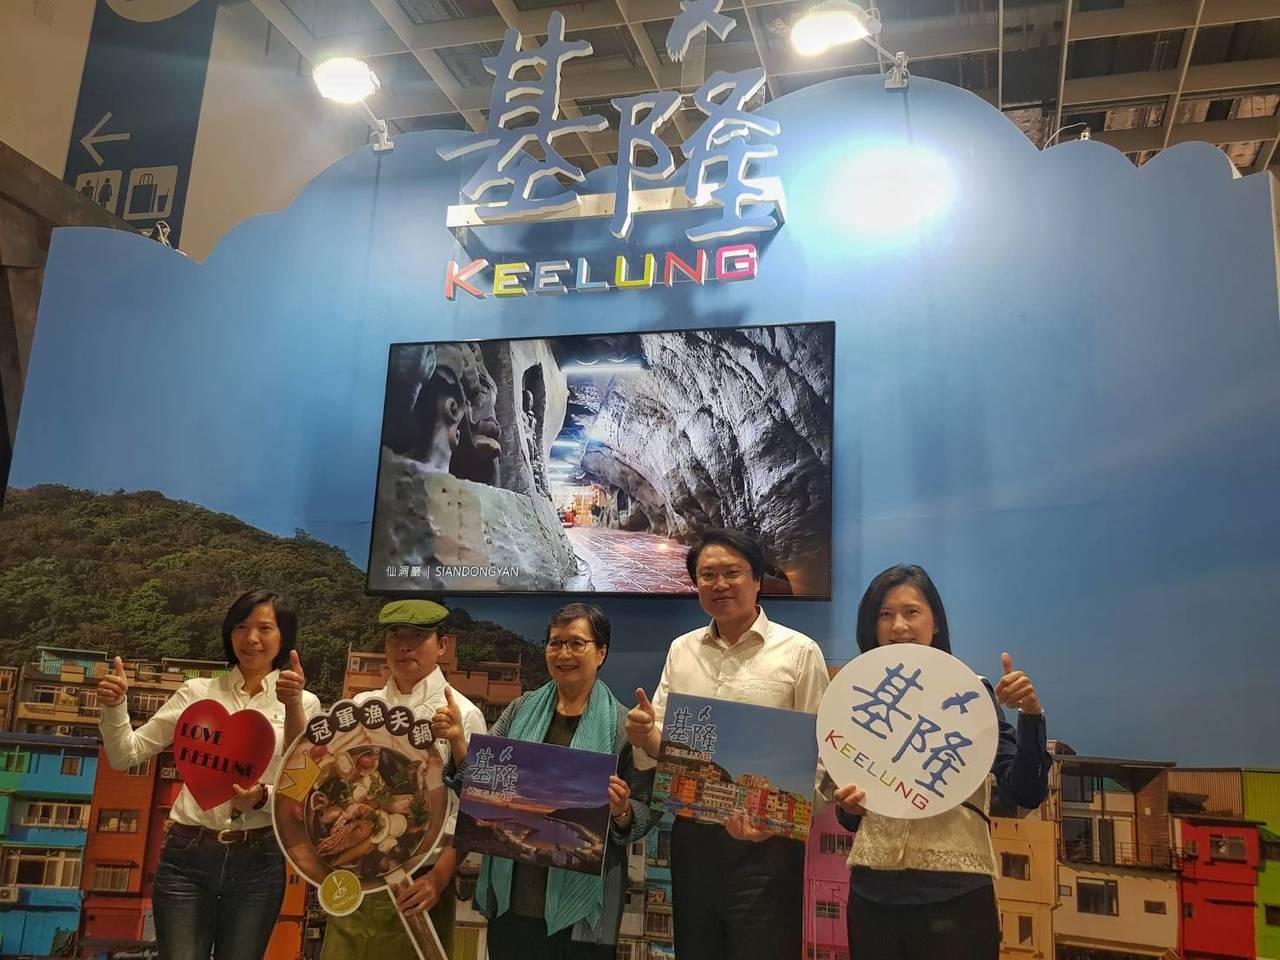 市長林右昌今天和台灣觀光協會會長葉菊蘭一同推銷基隆之美。圖/基隆市政府提供